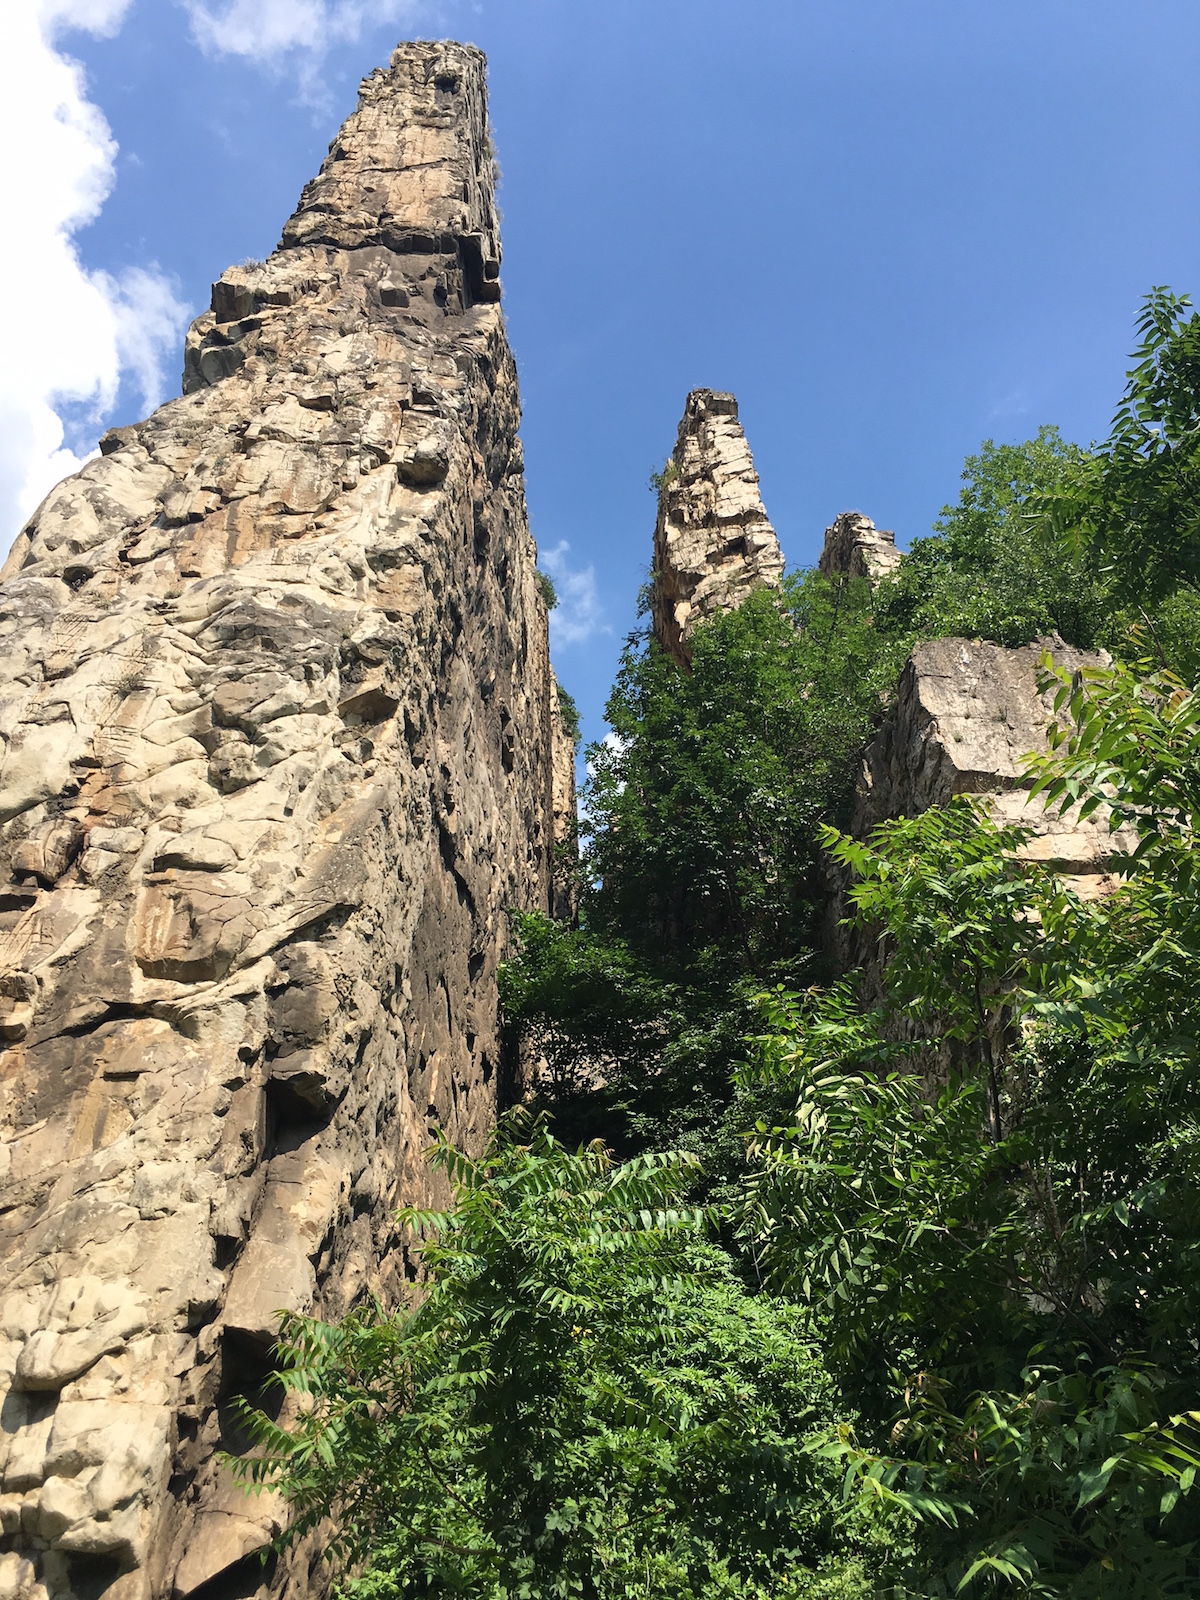 The Ritlite cliffs